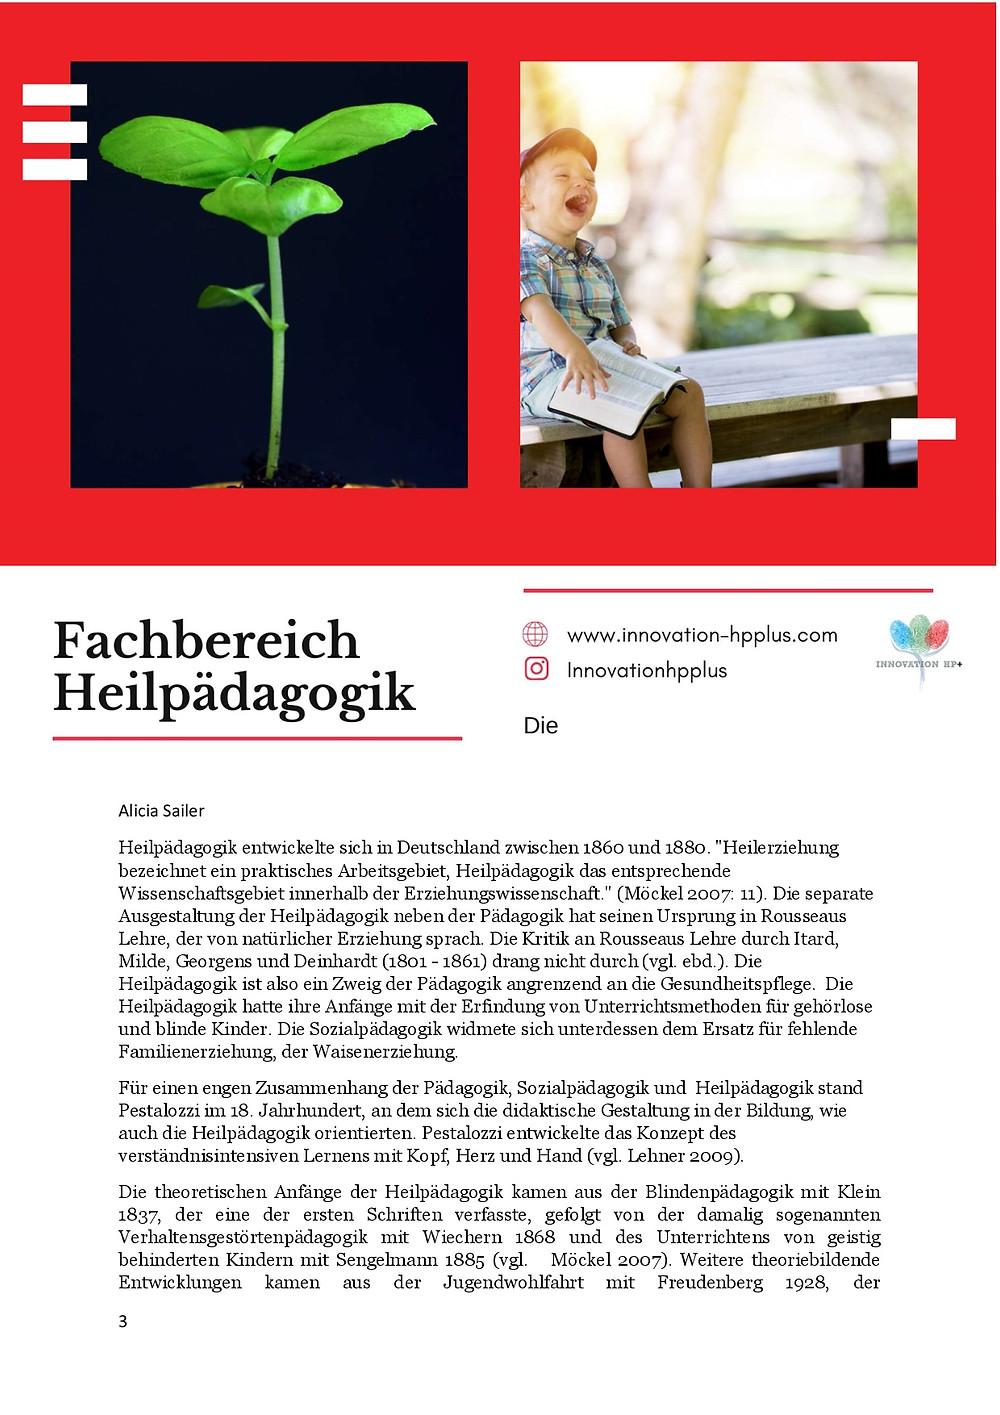 Beispiel Bild aus dem eBook des Schnupperkurses als kleiner Einblick. Die Geschichte des Fachbereichs der Heilpädagogik wird beschrieben.